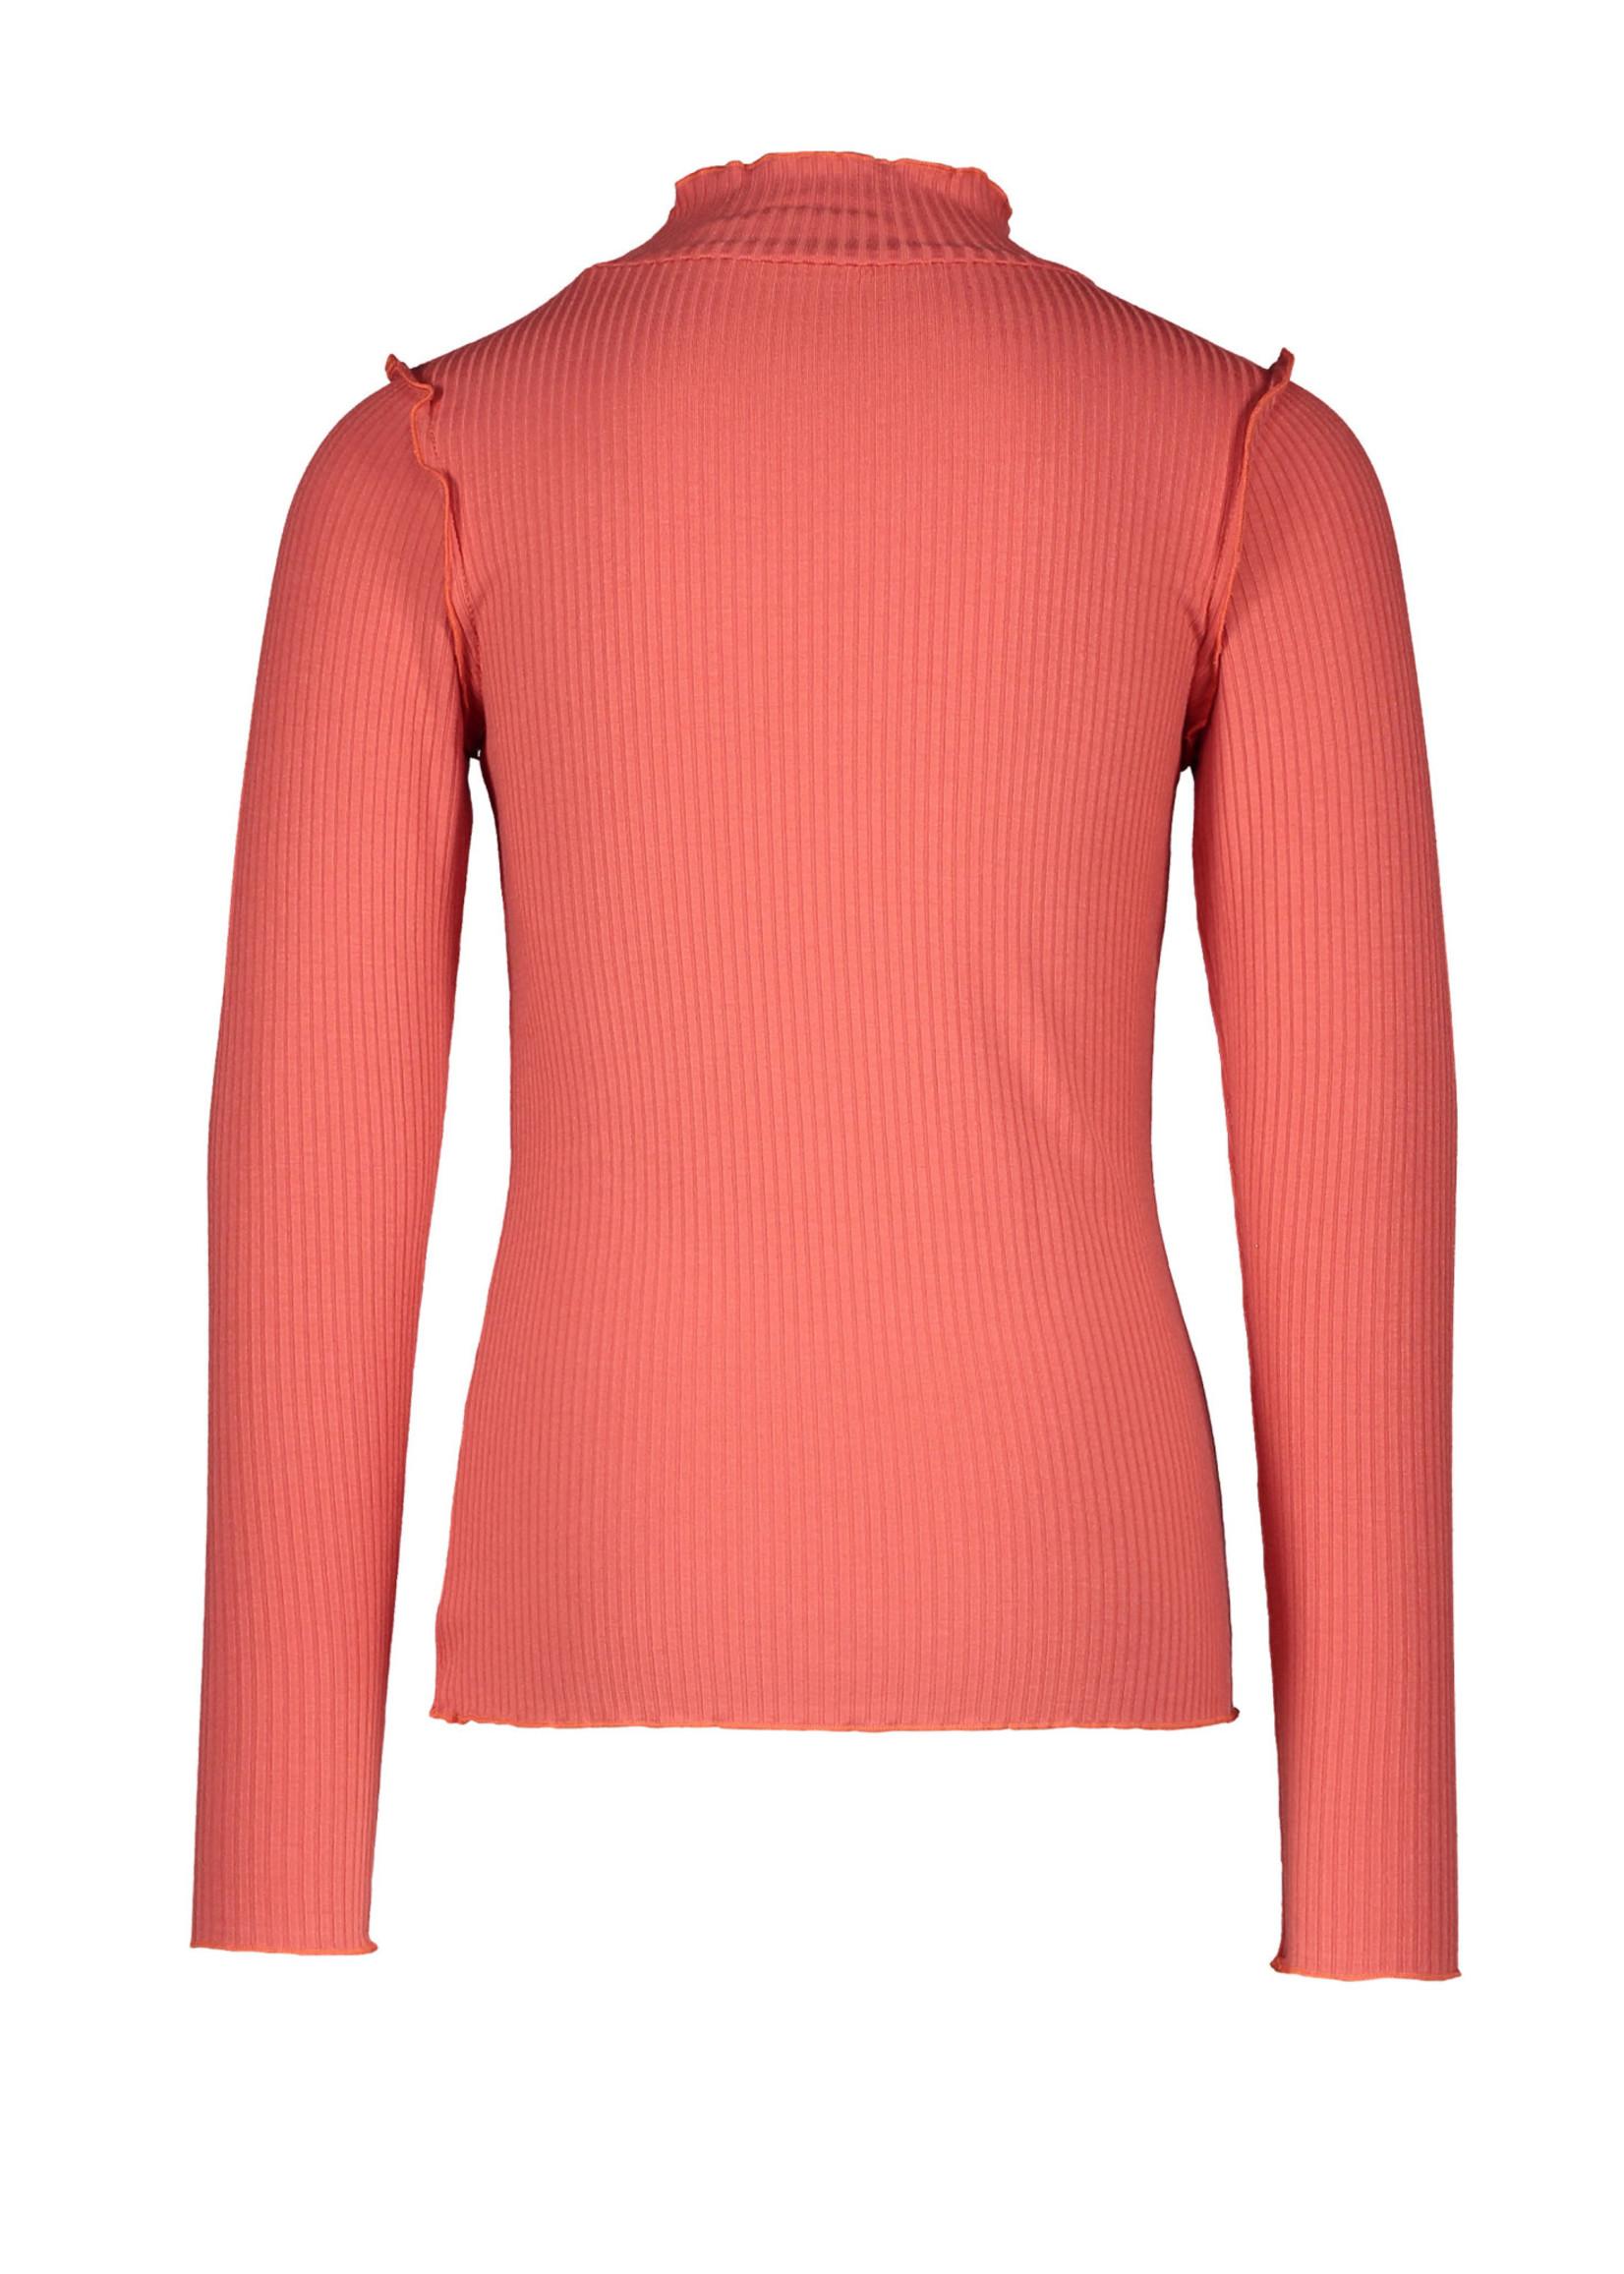 LIKE FLO LIKE FLO Sweater turtle neck coral